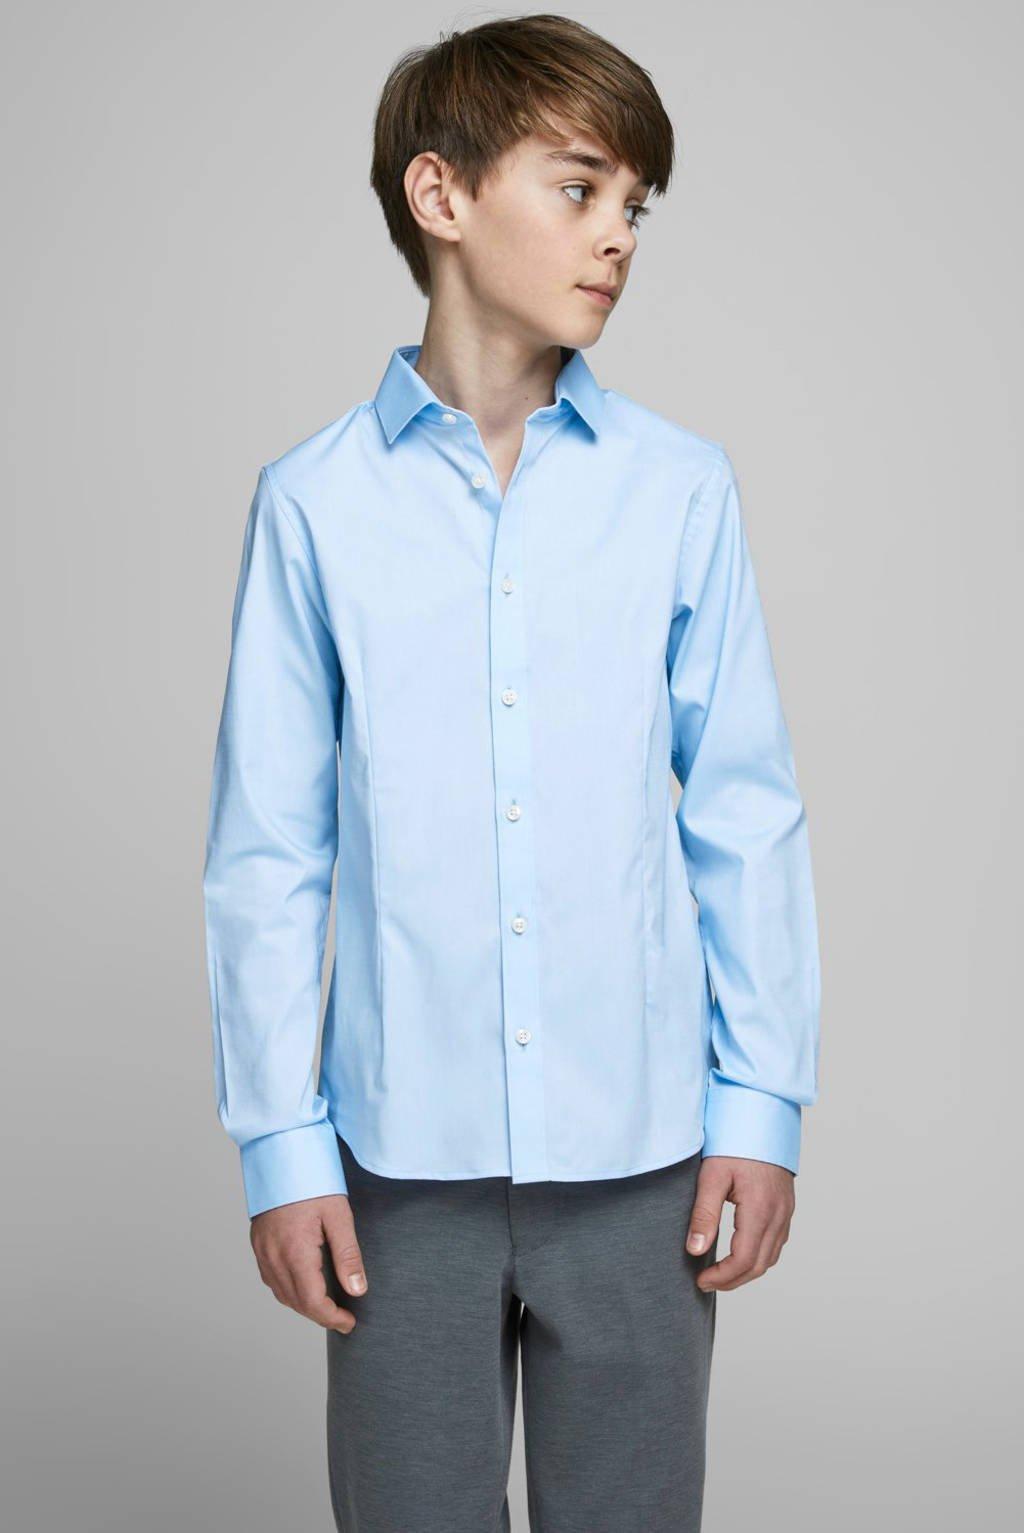 JACK & JONES JUNIOR overhemd Parma lichtblauw, Lichtblauw